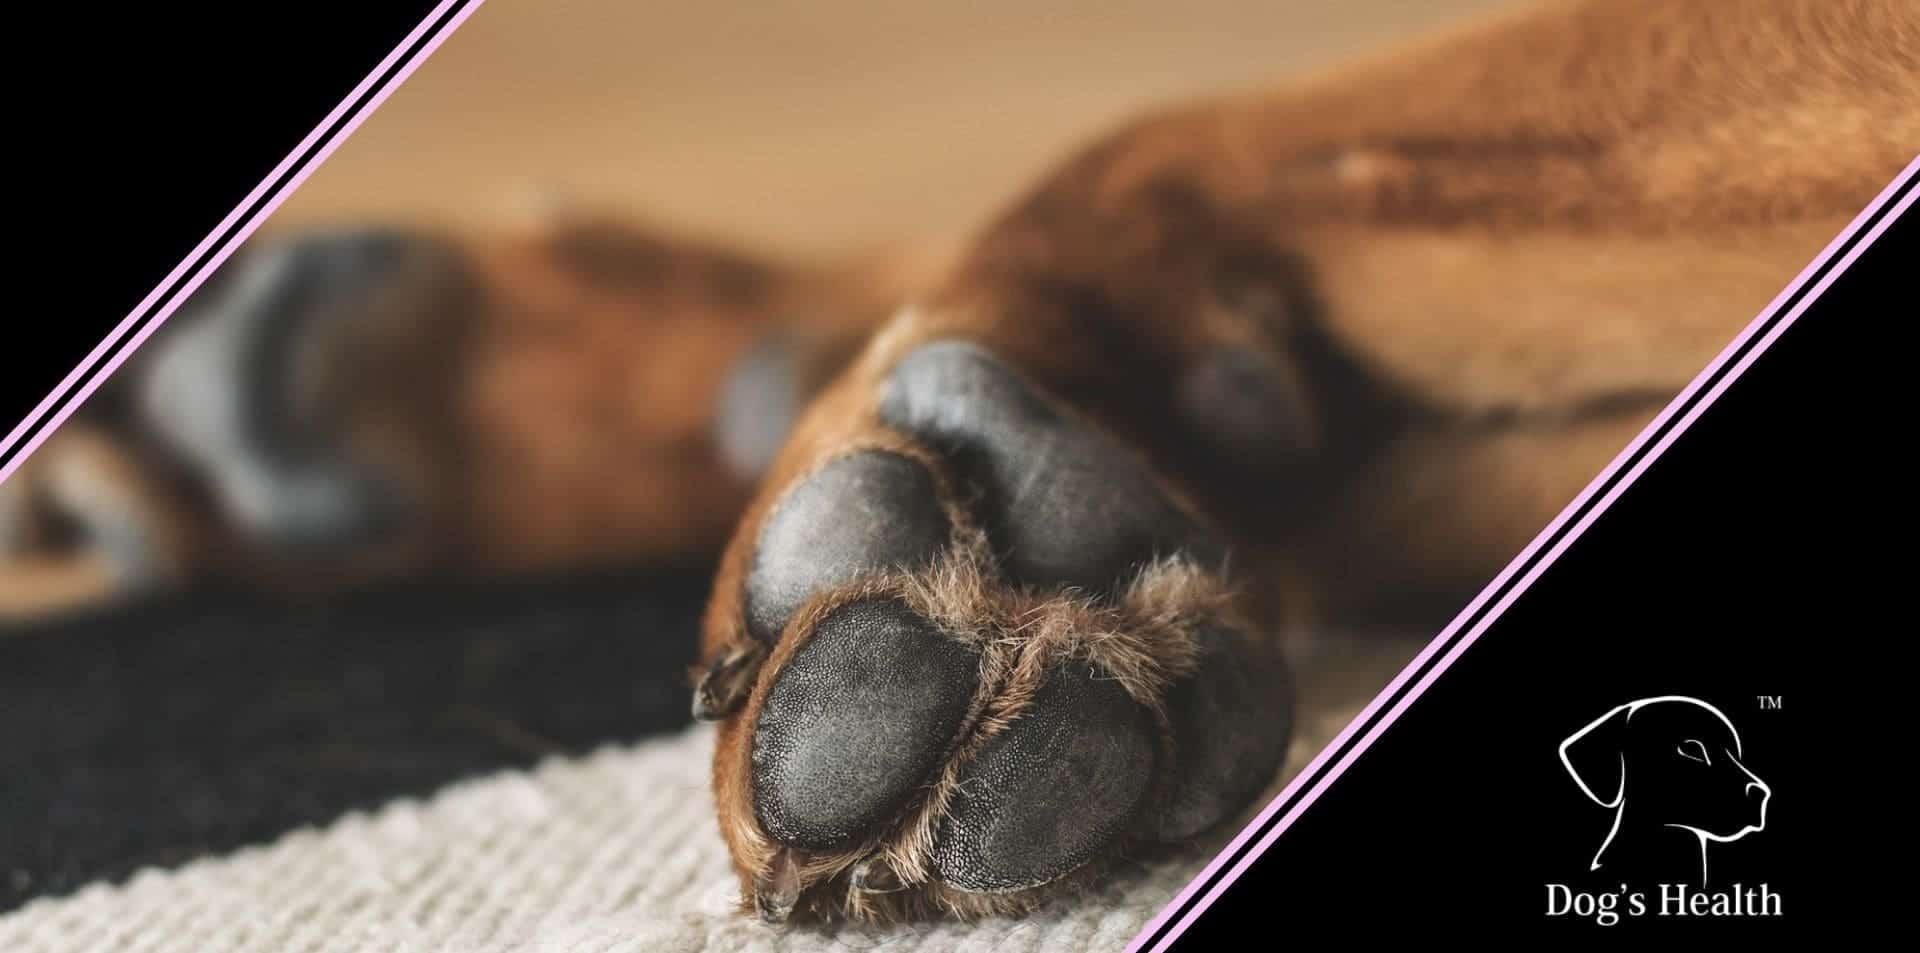 come pulire le zampe del cane dopo la passeggiata